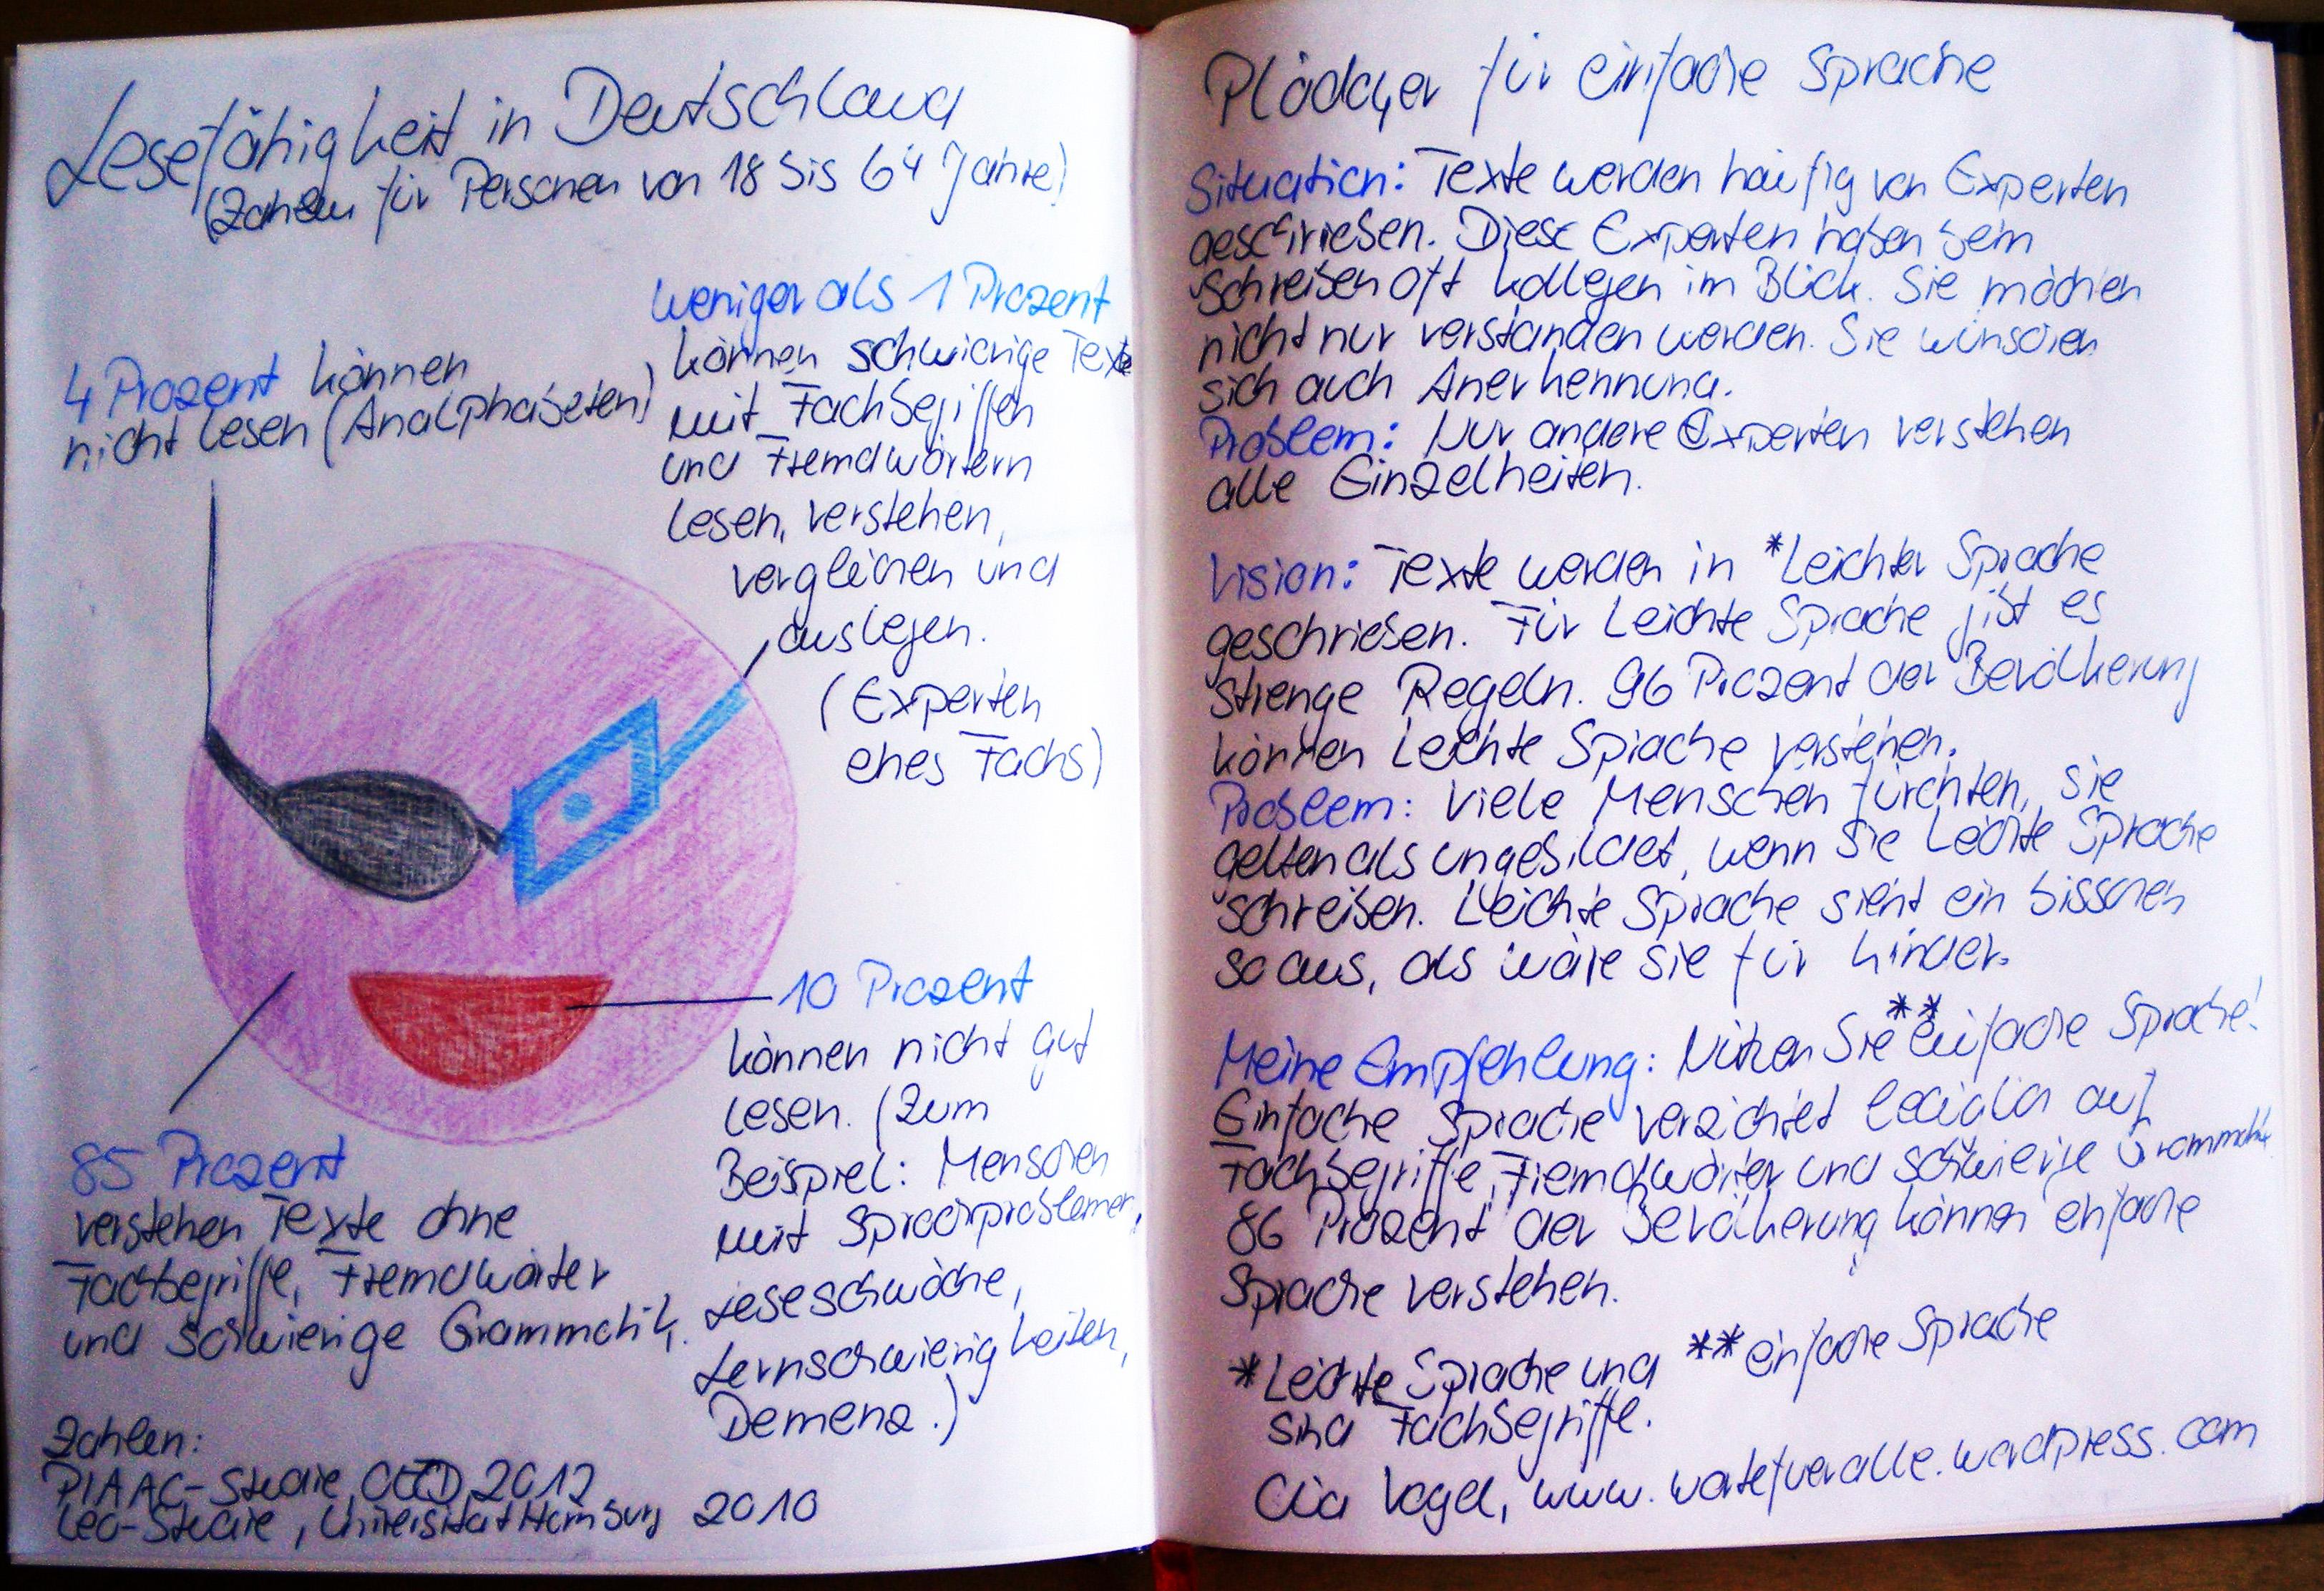 Frida Plädoyee für leichte Sprache-web